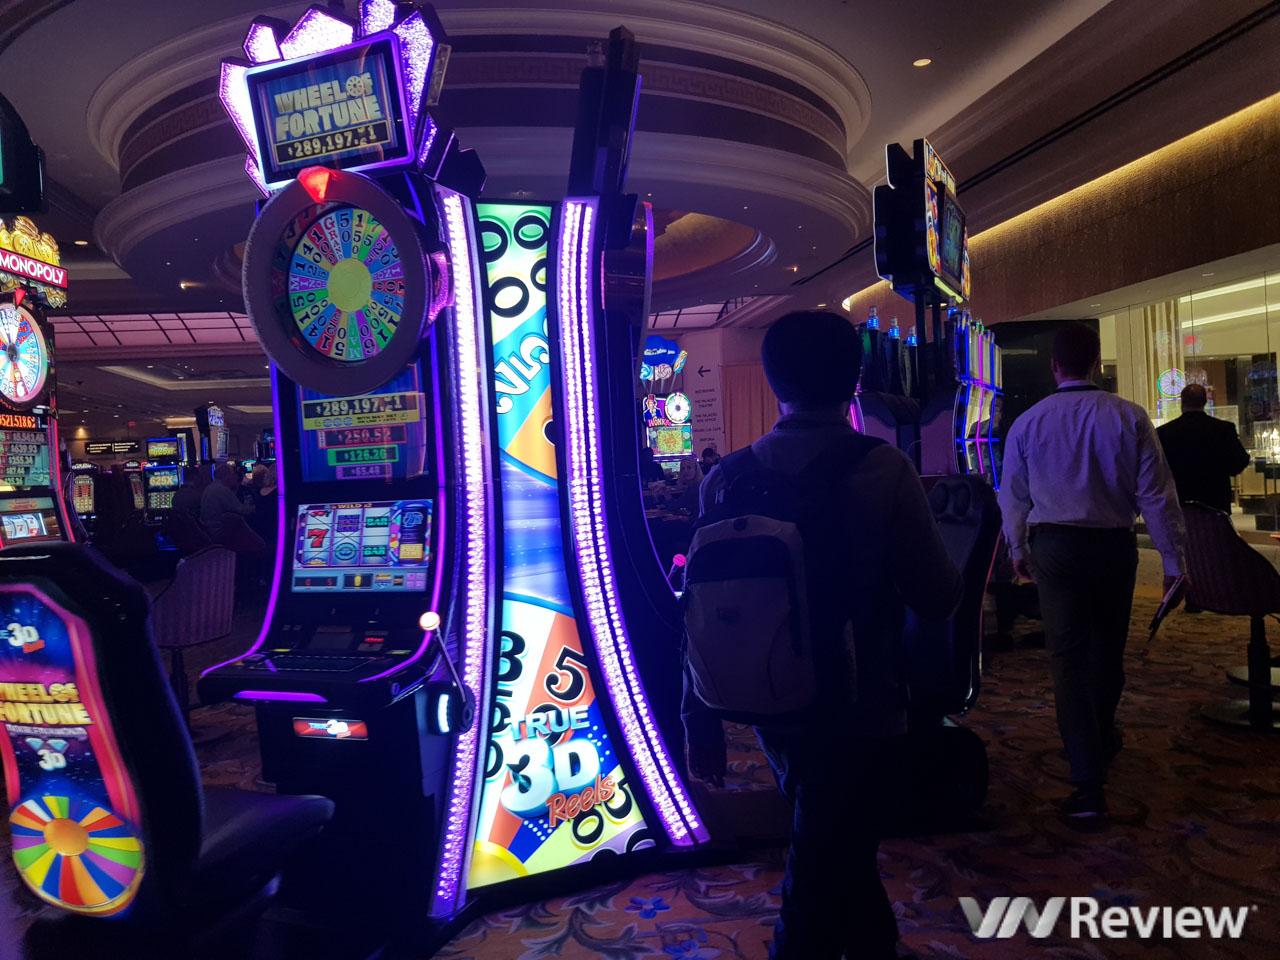 Mô phỏng của máy đánh bạc chơi trực tuyến